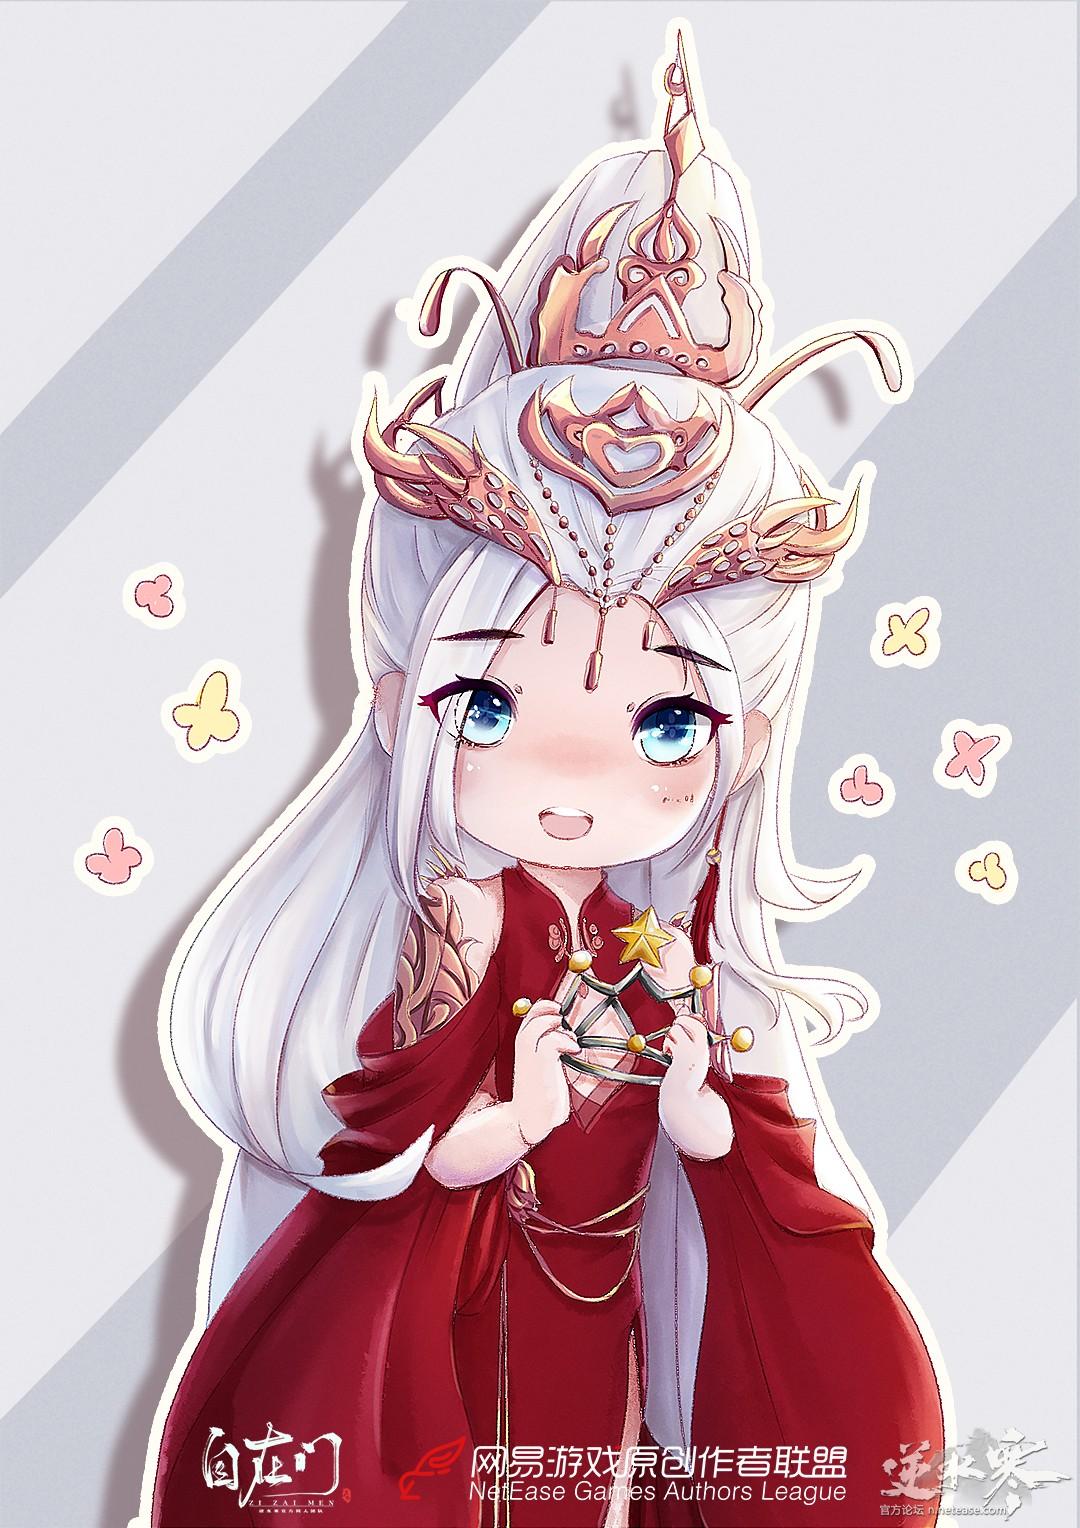 【原创作者联盟】38女神节?呐,皇冠给你戴!【自在门】【手绘】